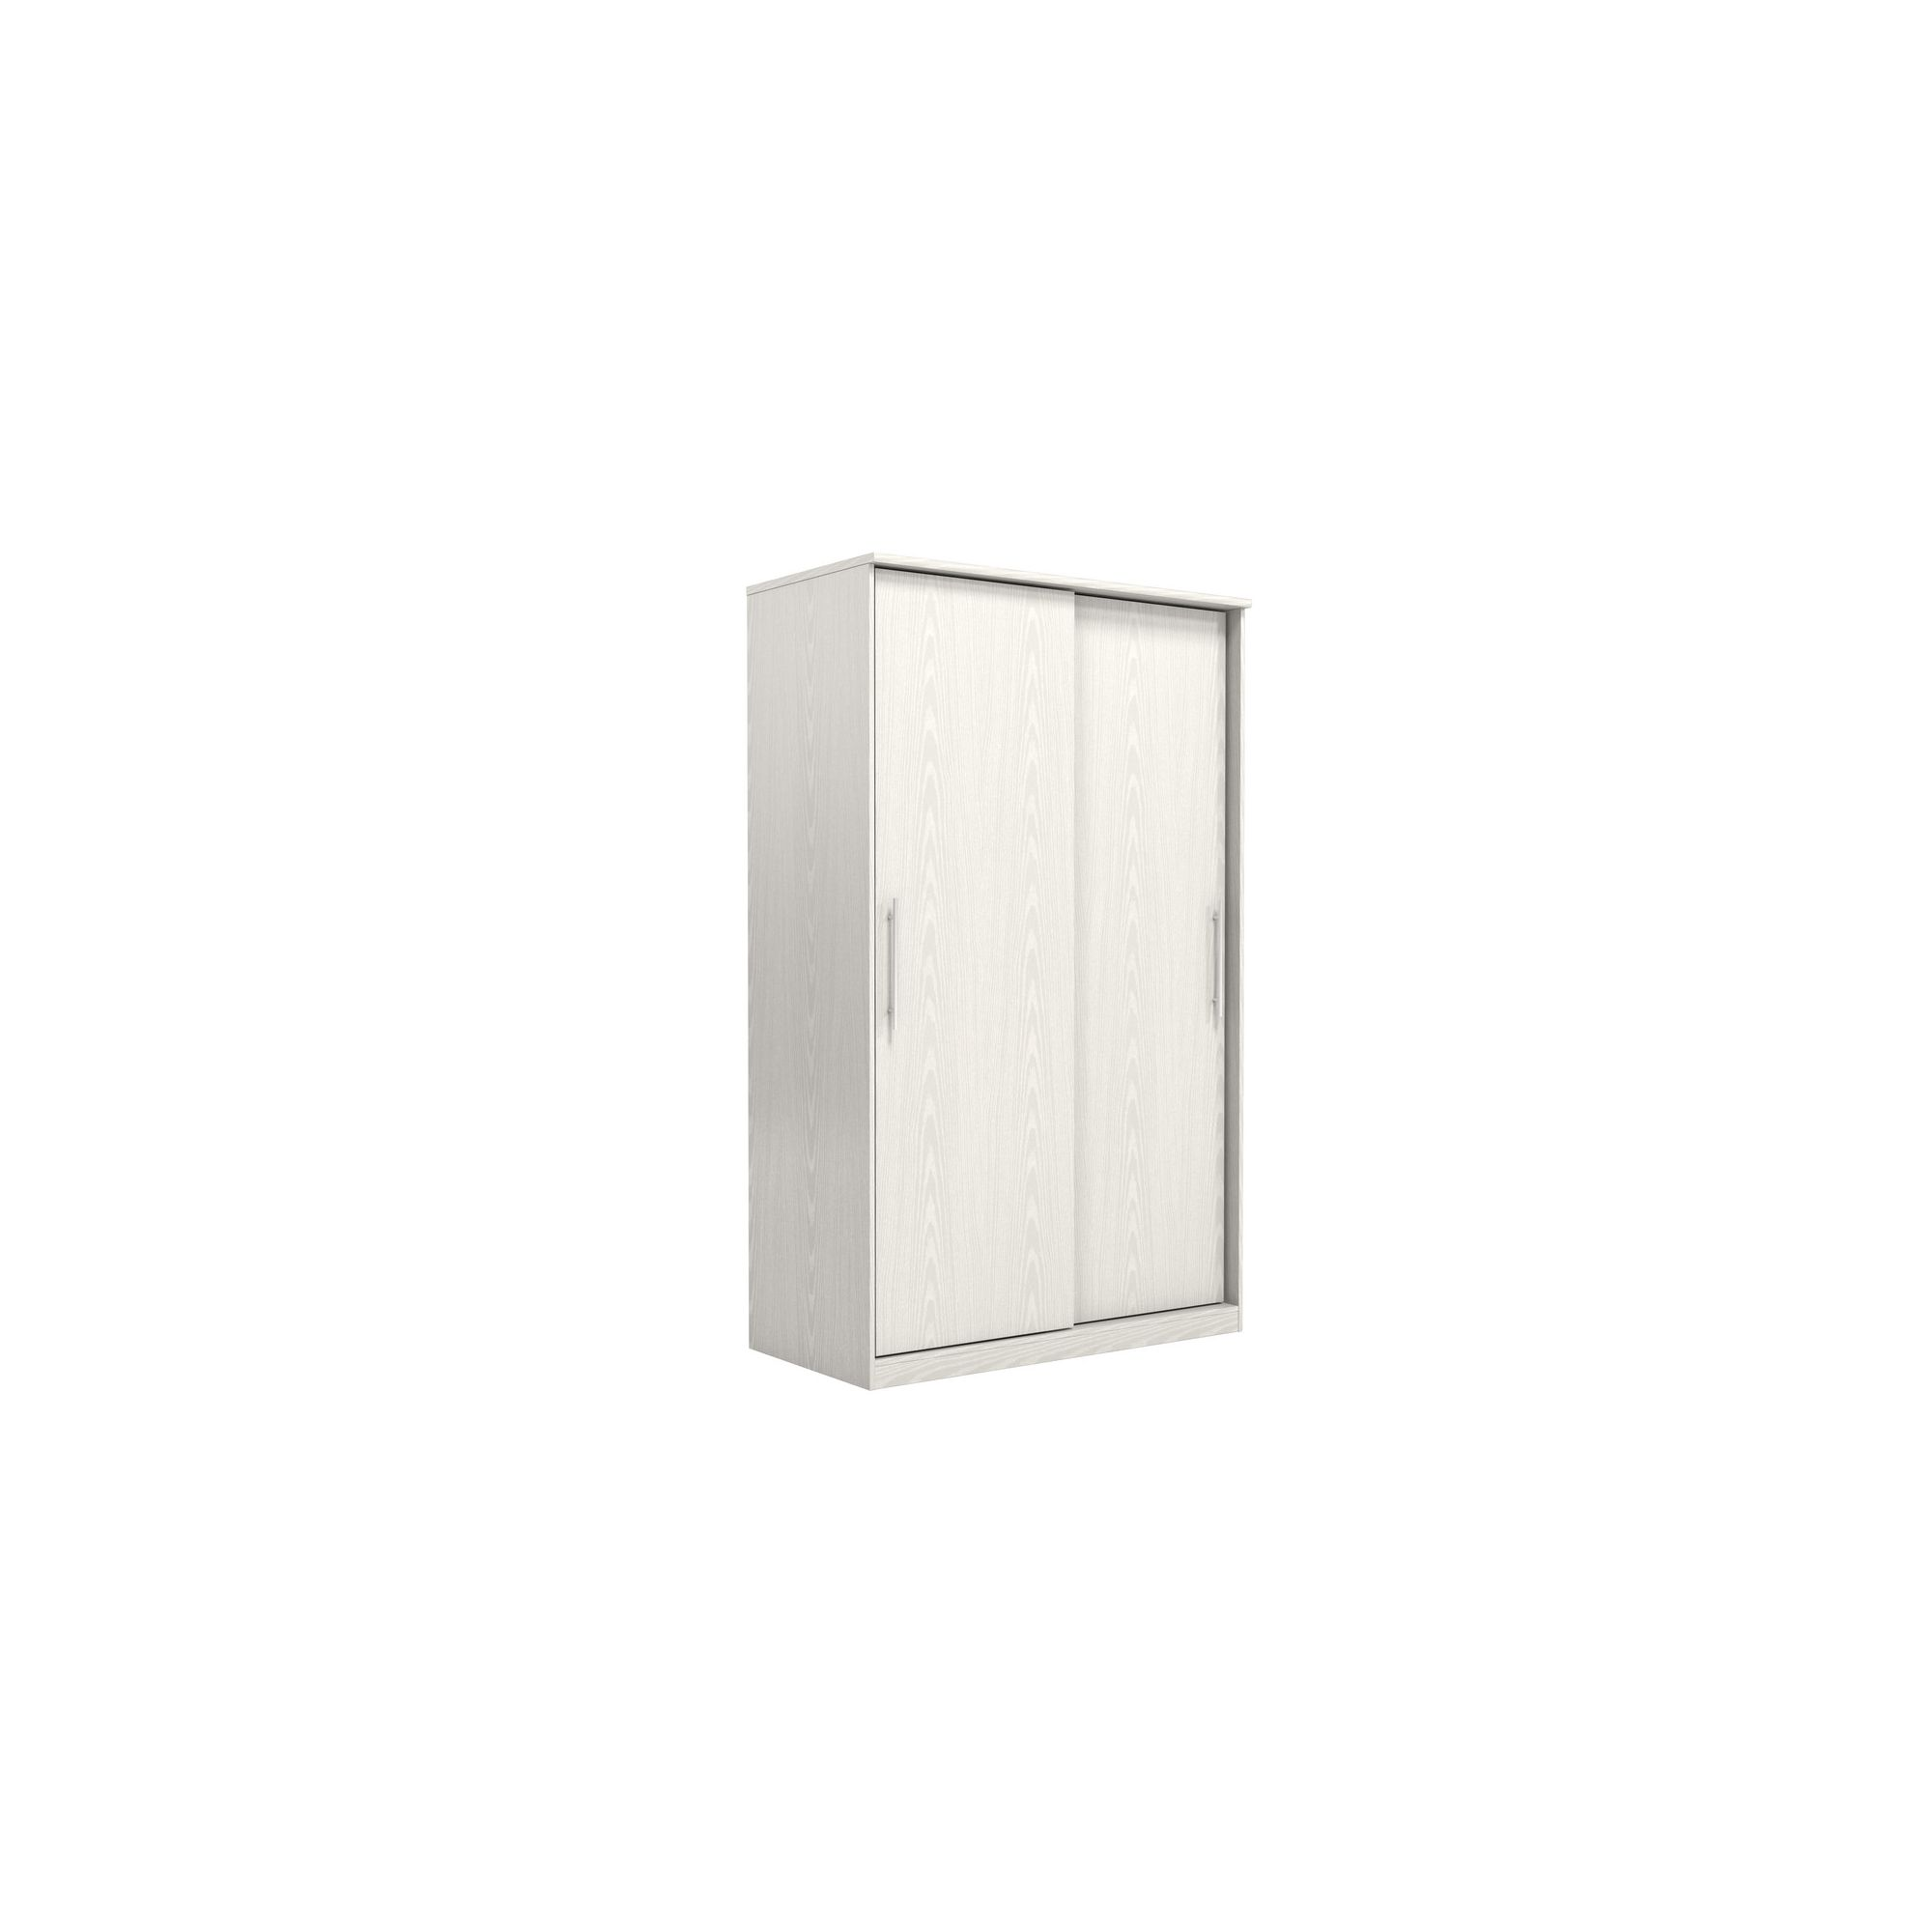 Urbane Designs Prague 2 Door Sliding Wardrobe - White at Tesco Direct